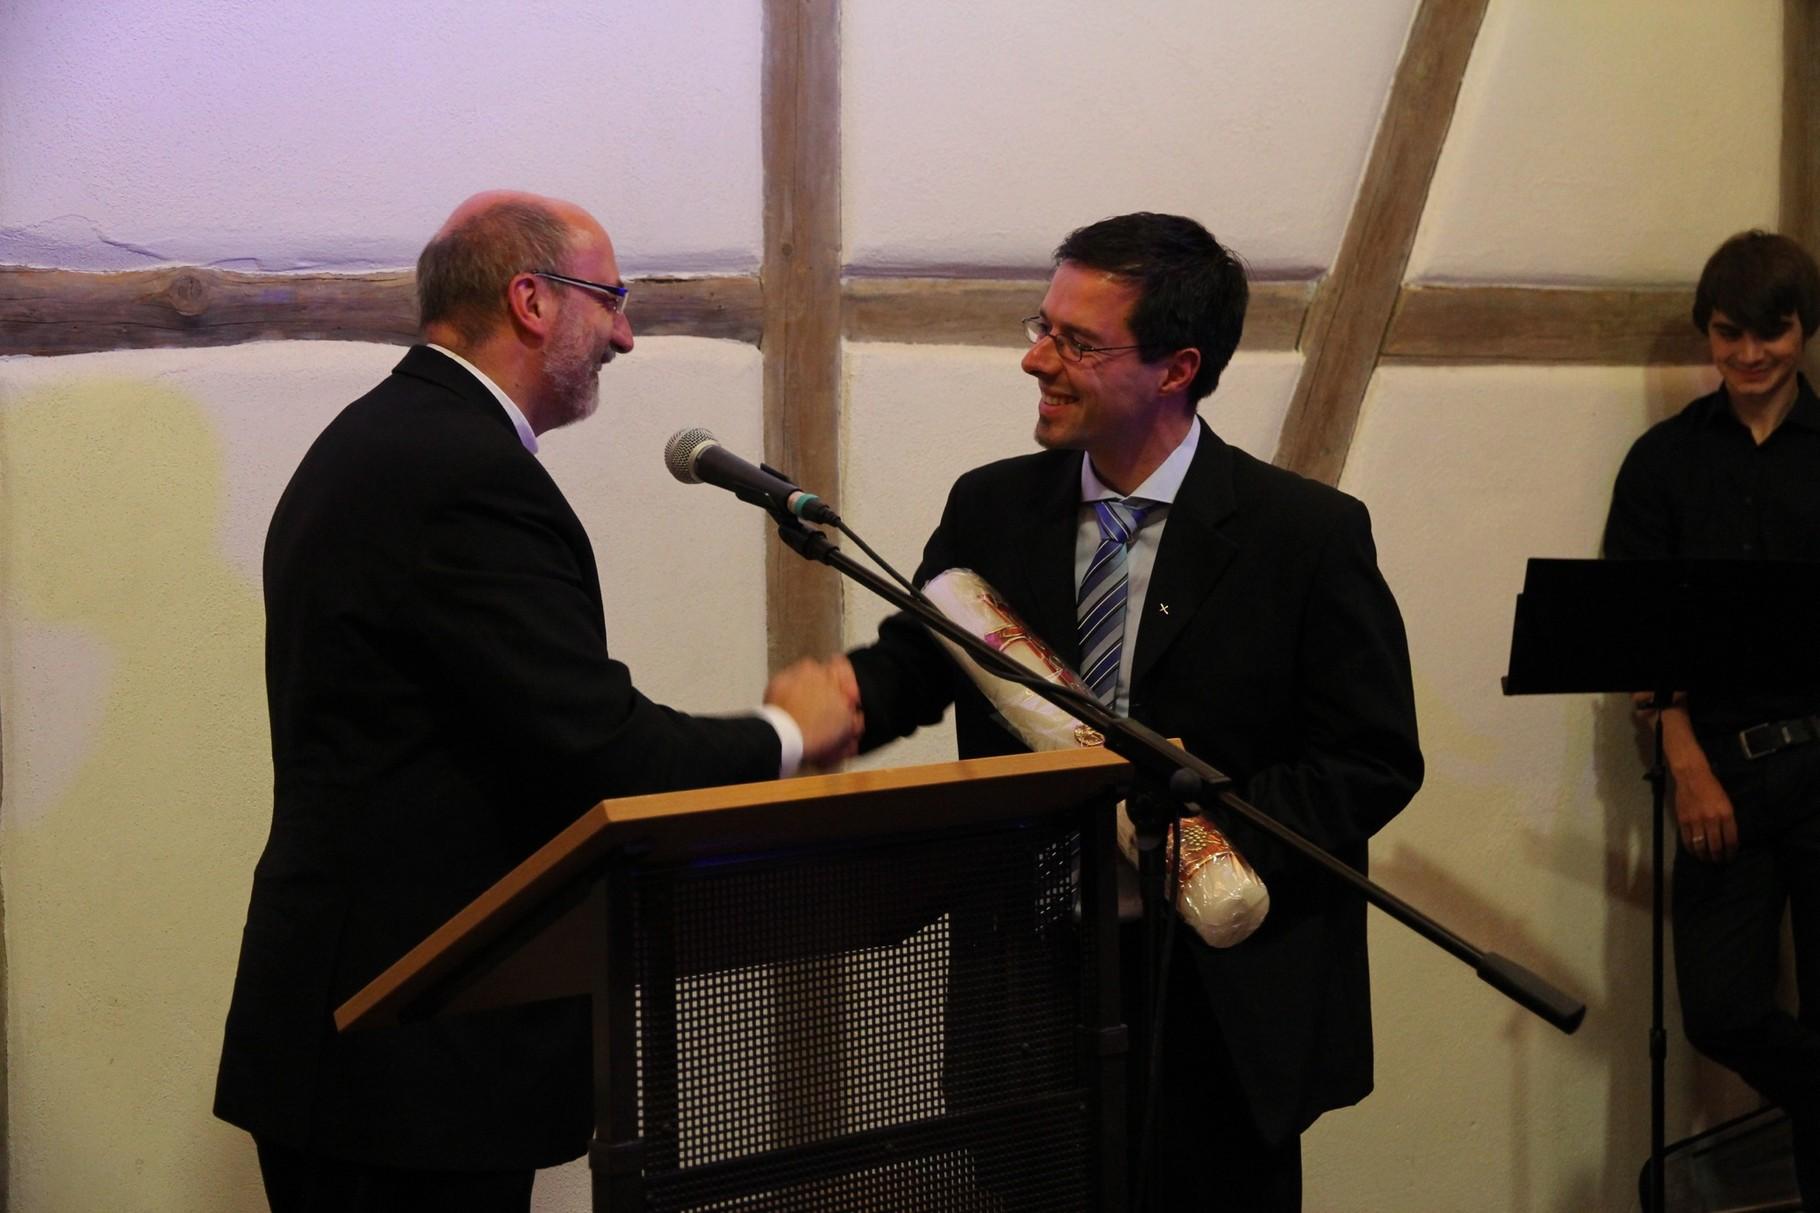 Pfr.Schneider übergibt dem evang. Pfarrer Stromberger eine Osterkerze als Dank für die Gastfreundschaft (2)